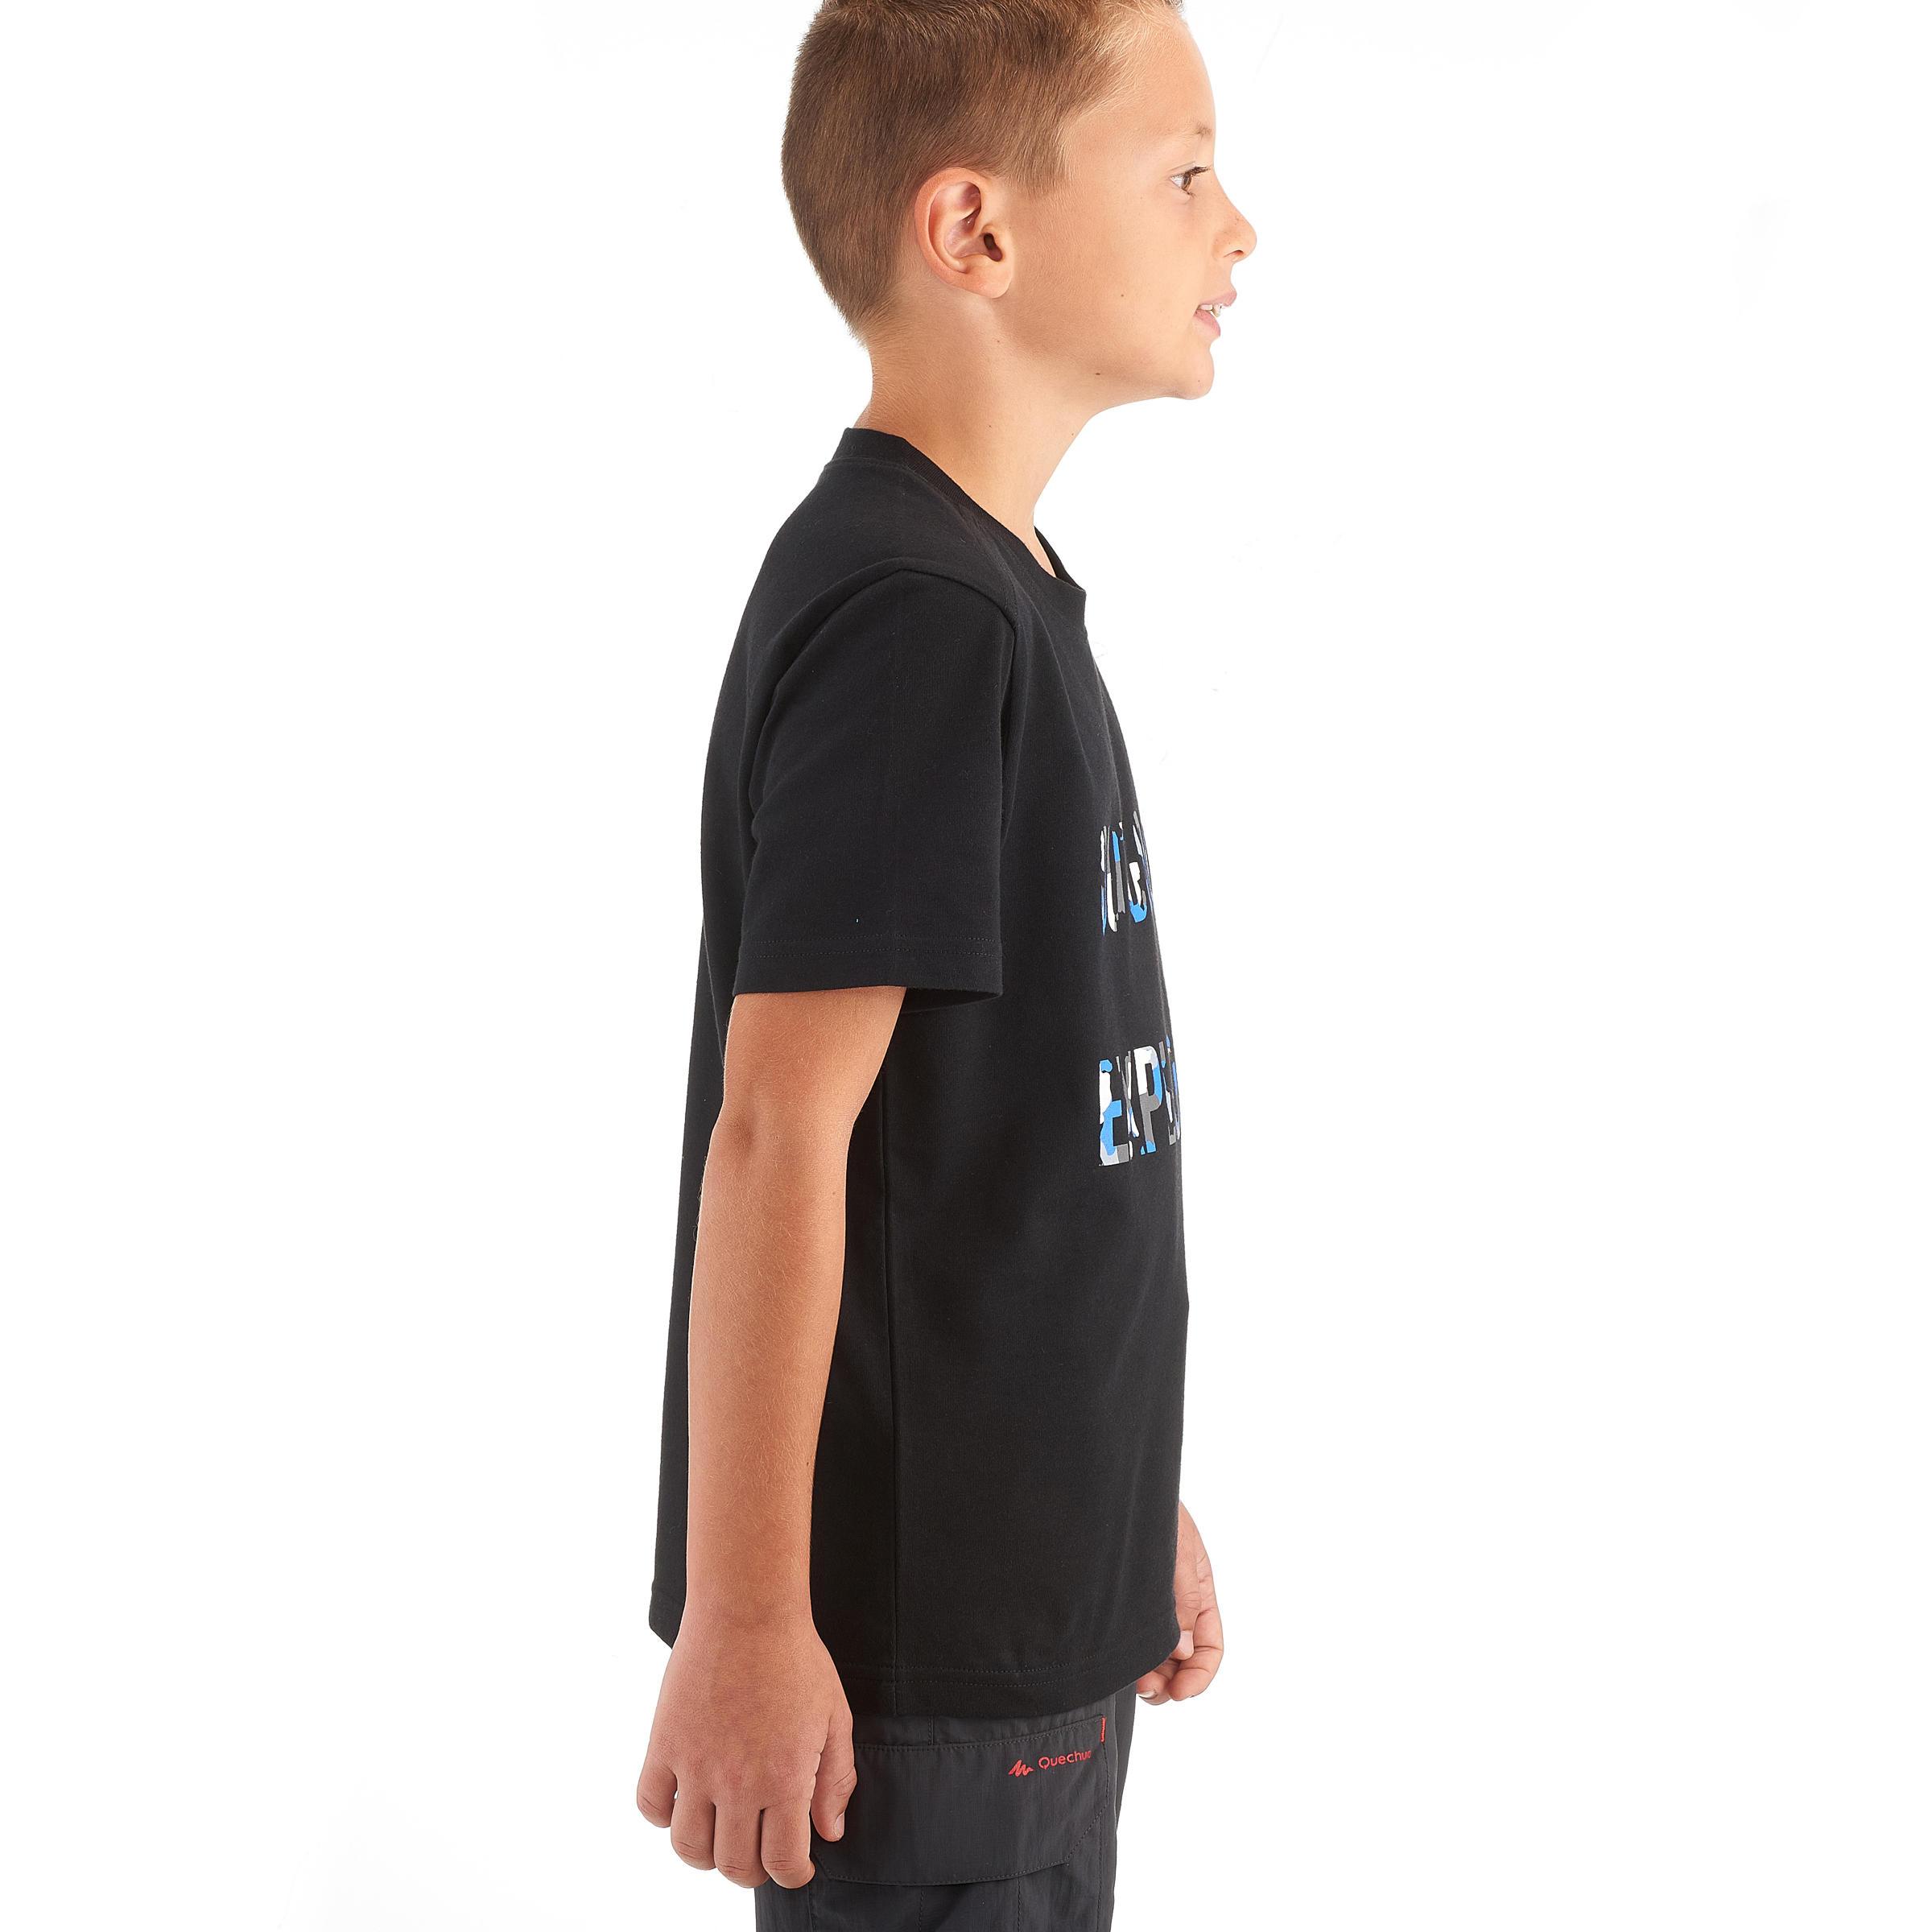 TEE-SHIRT de randonnée enfant Hike 500 noir